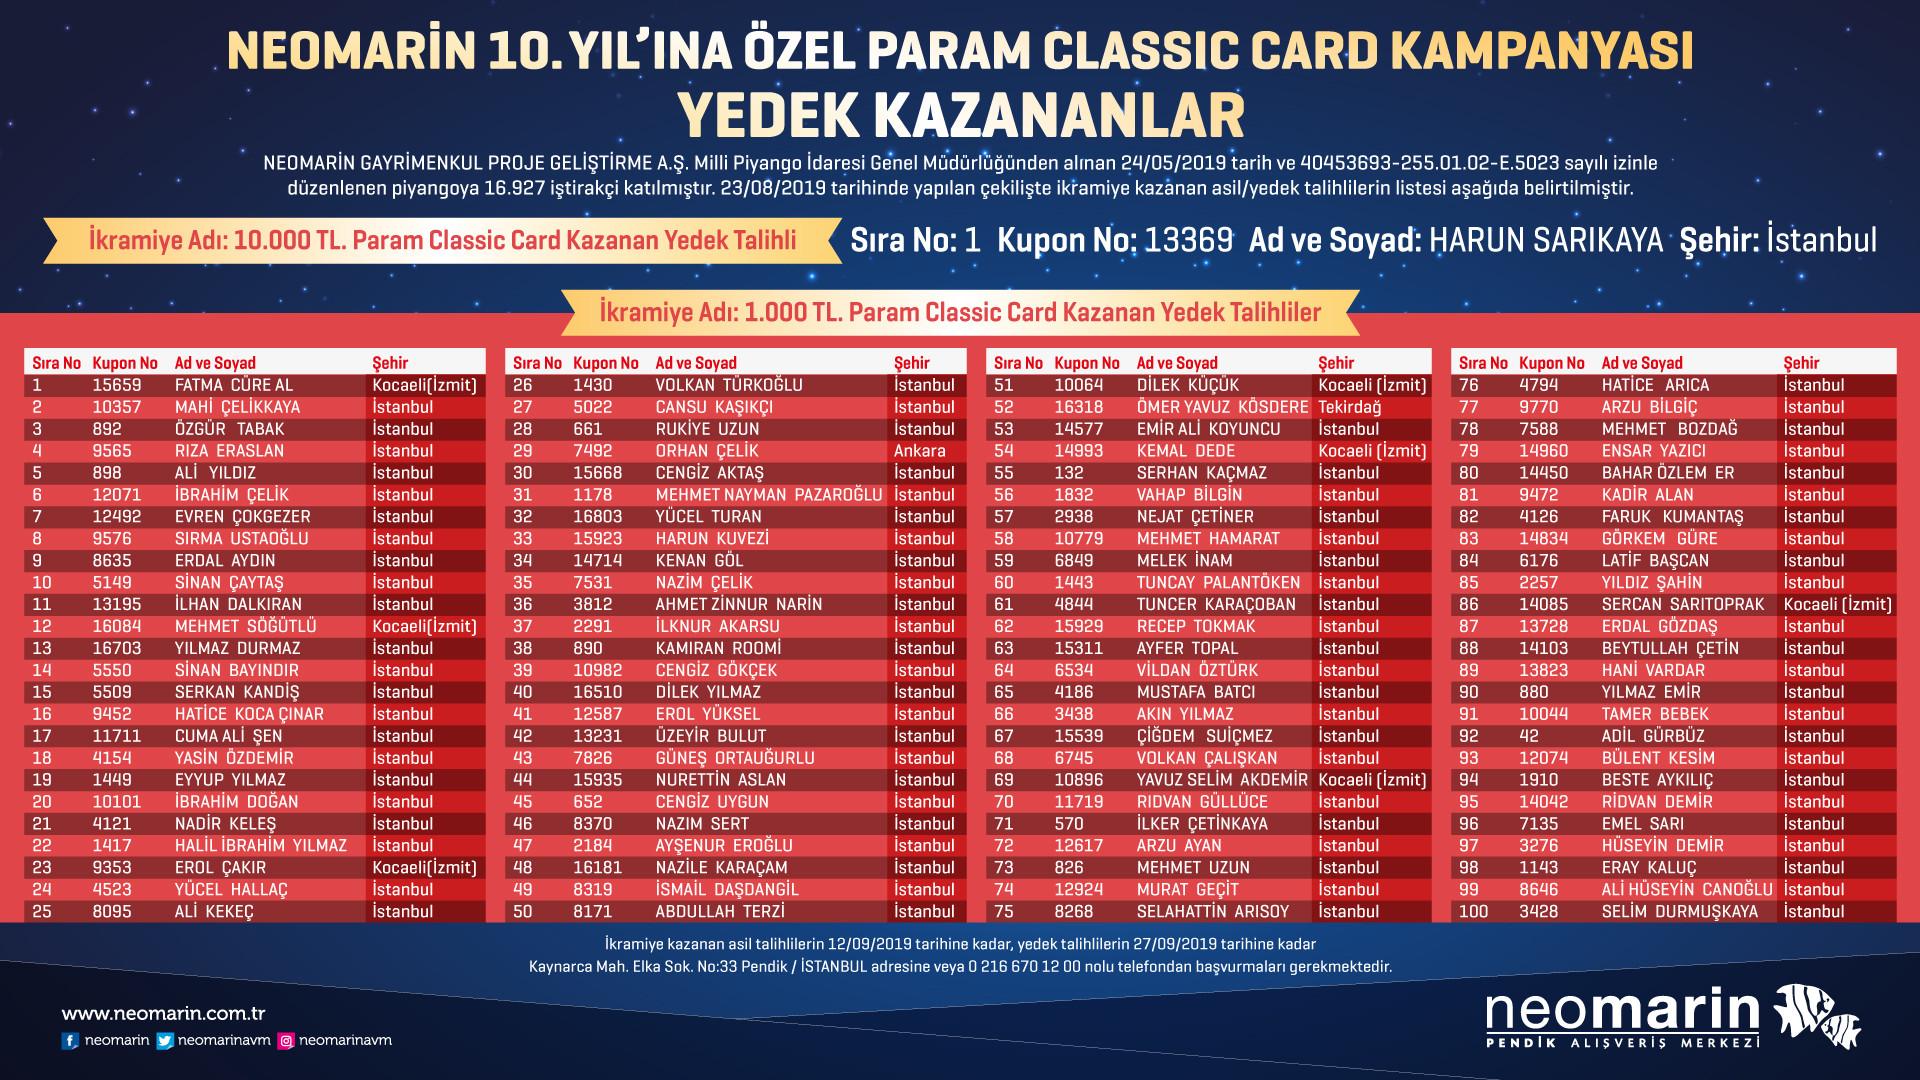 Neomarin 10. Yıl'ına Özel Param Classic Card Kampanyası Yedek Kazananlar